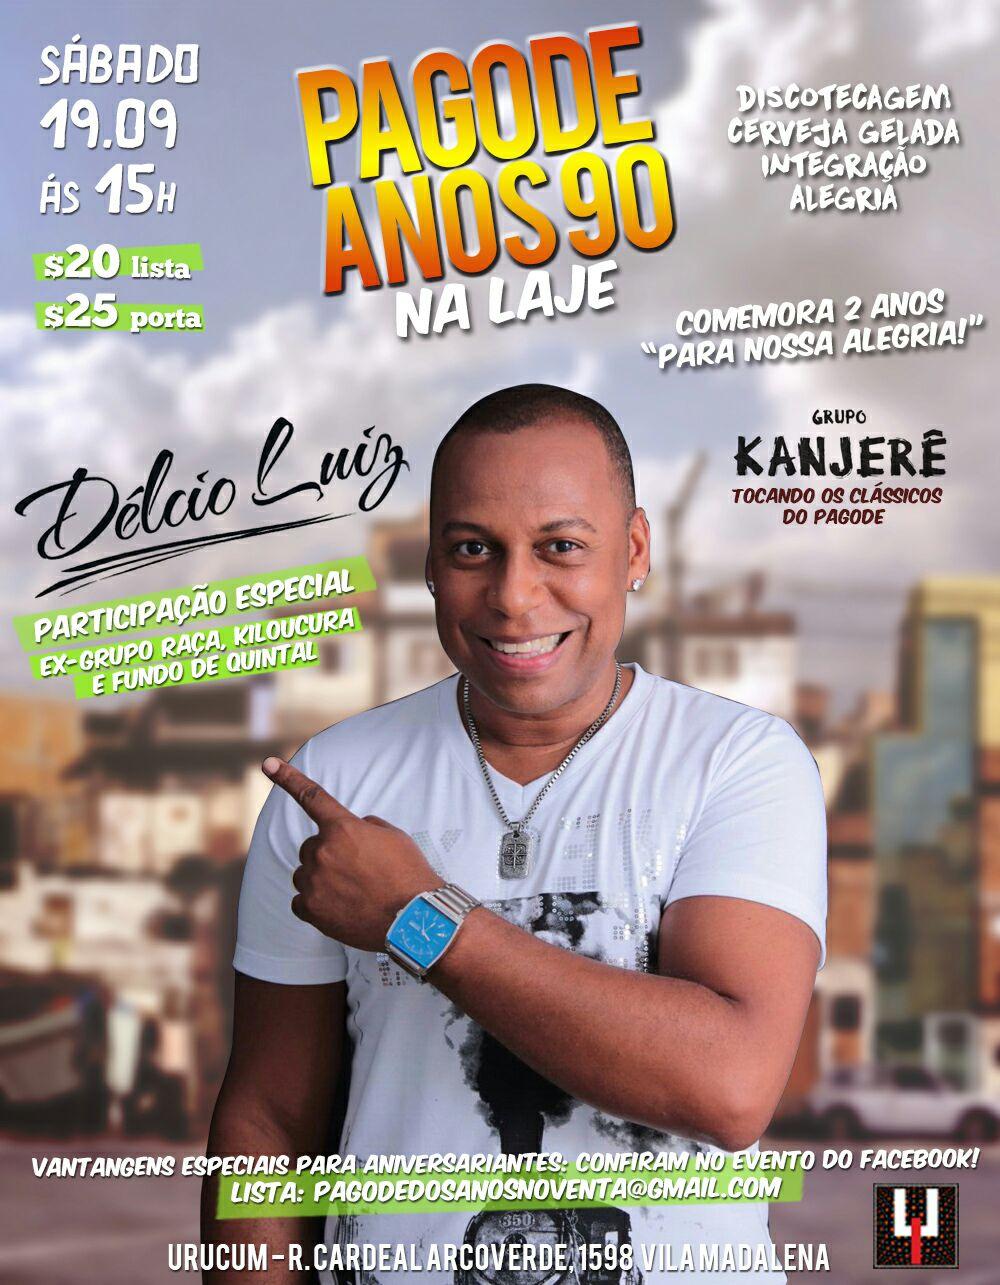 Pagode Anos 90 na Laje com a levada do samba rock; Délcio Luiz e Kanjerê no palco #nota